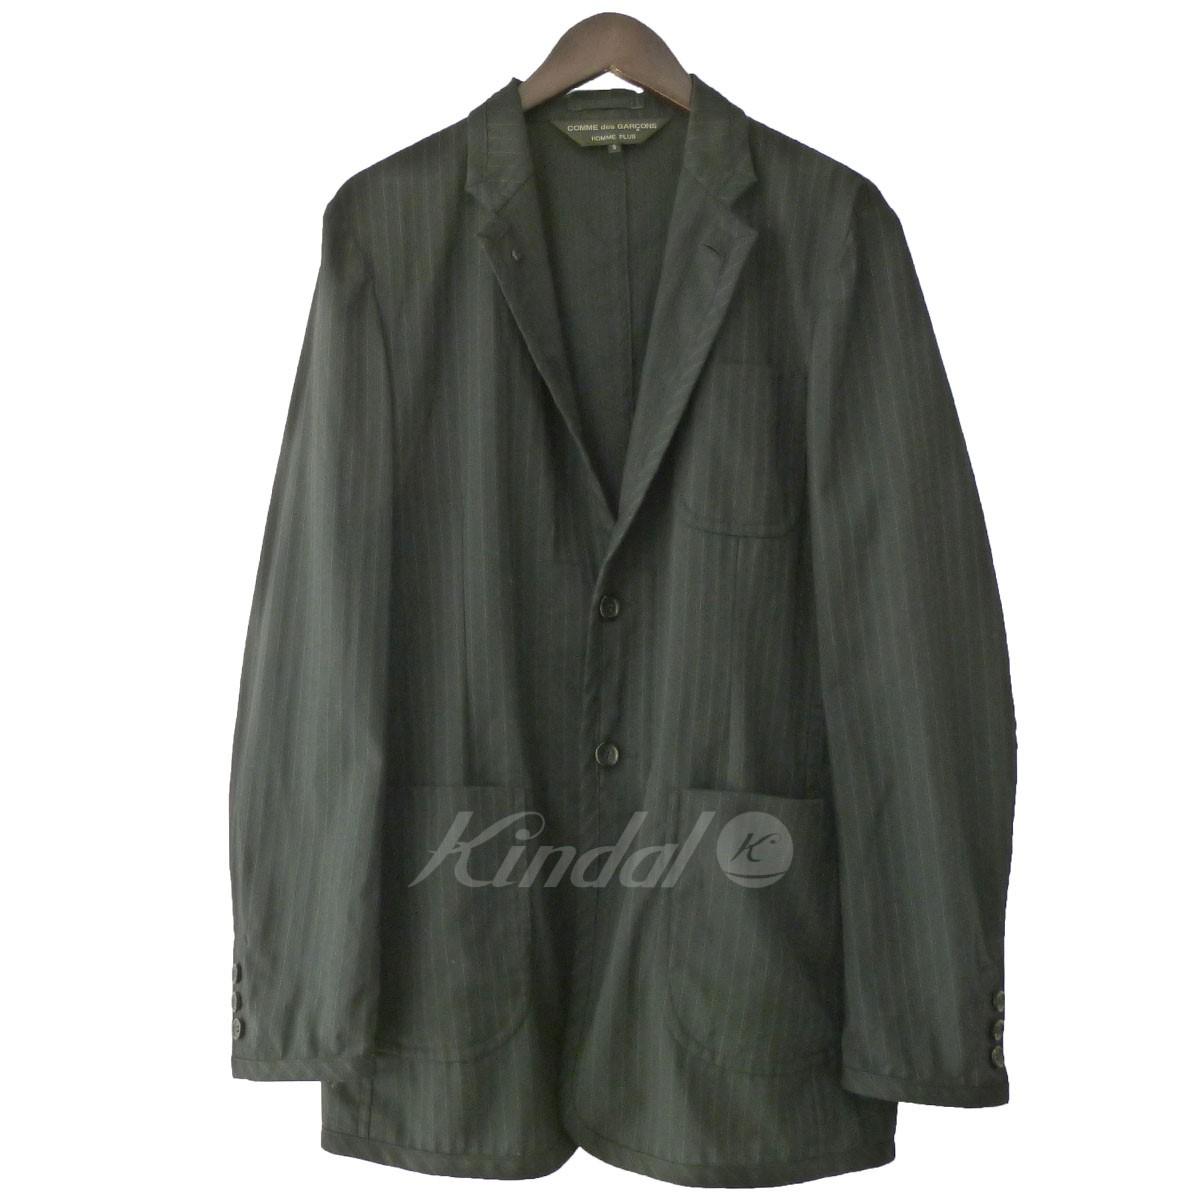 【中古】COMME des GARCONS 14SS ストライプノッチドラペル2Bジャケット 【送料無料】 【150026】 【KIND1550】